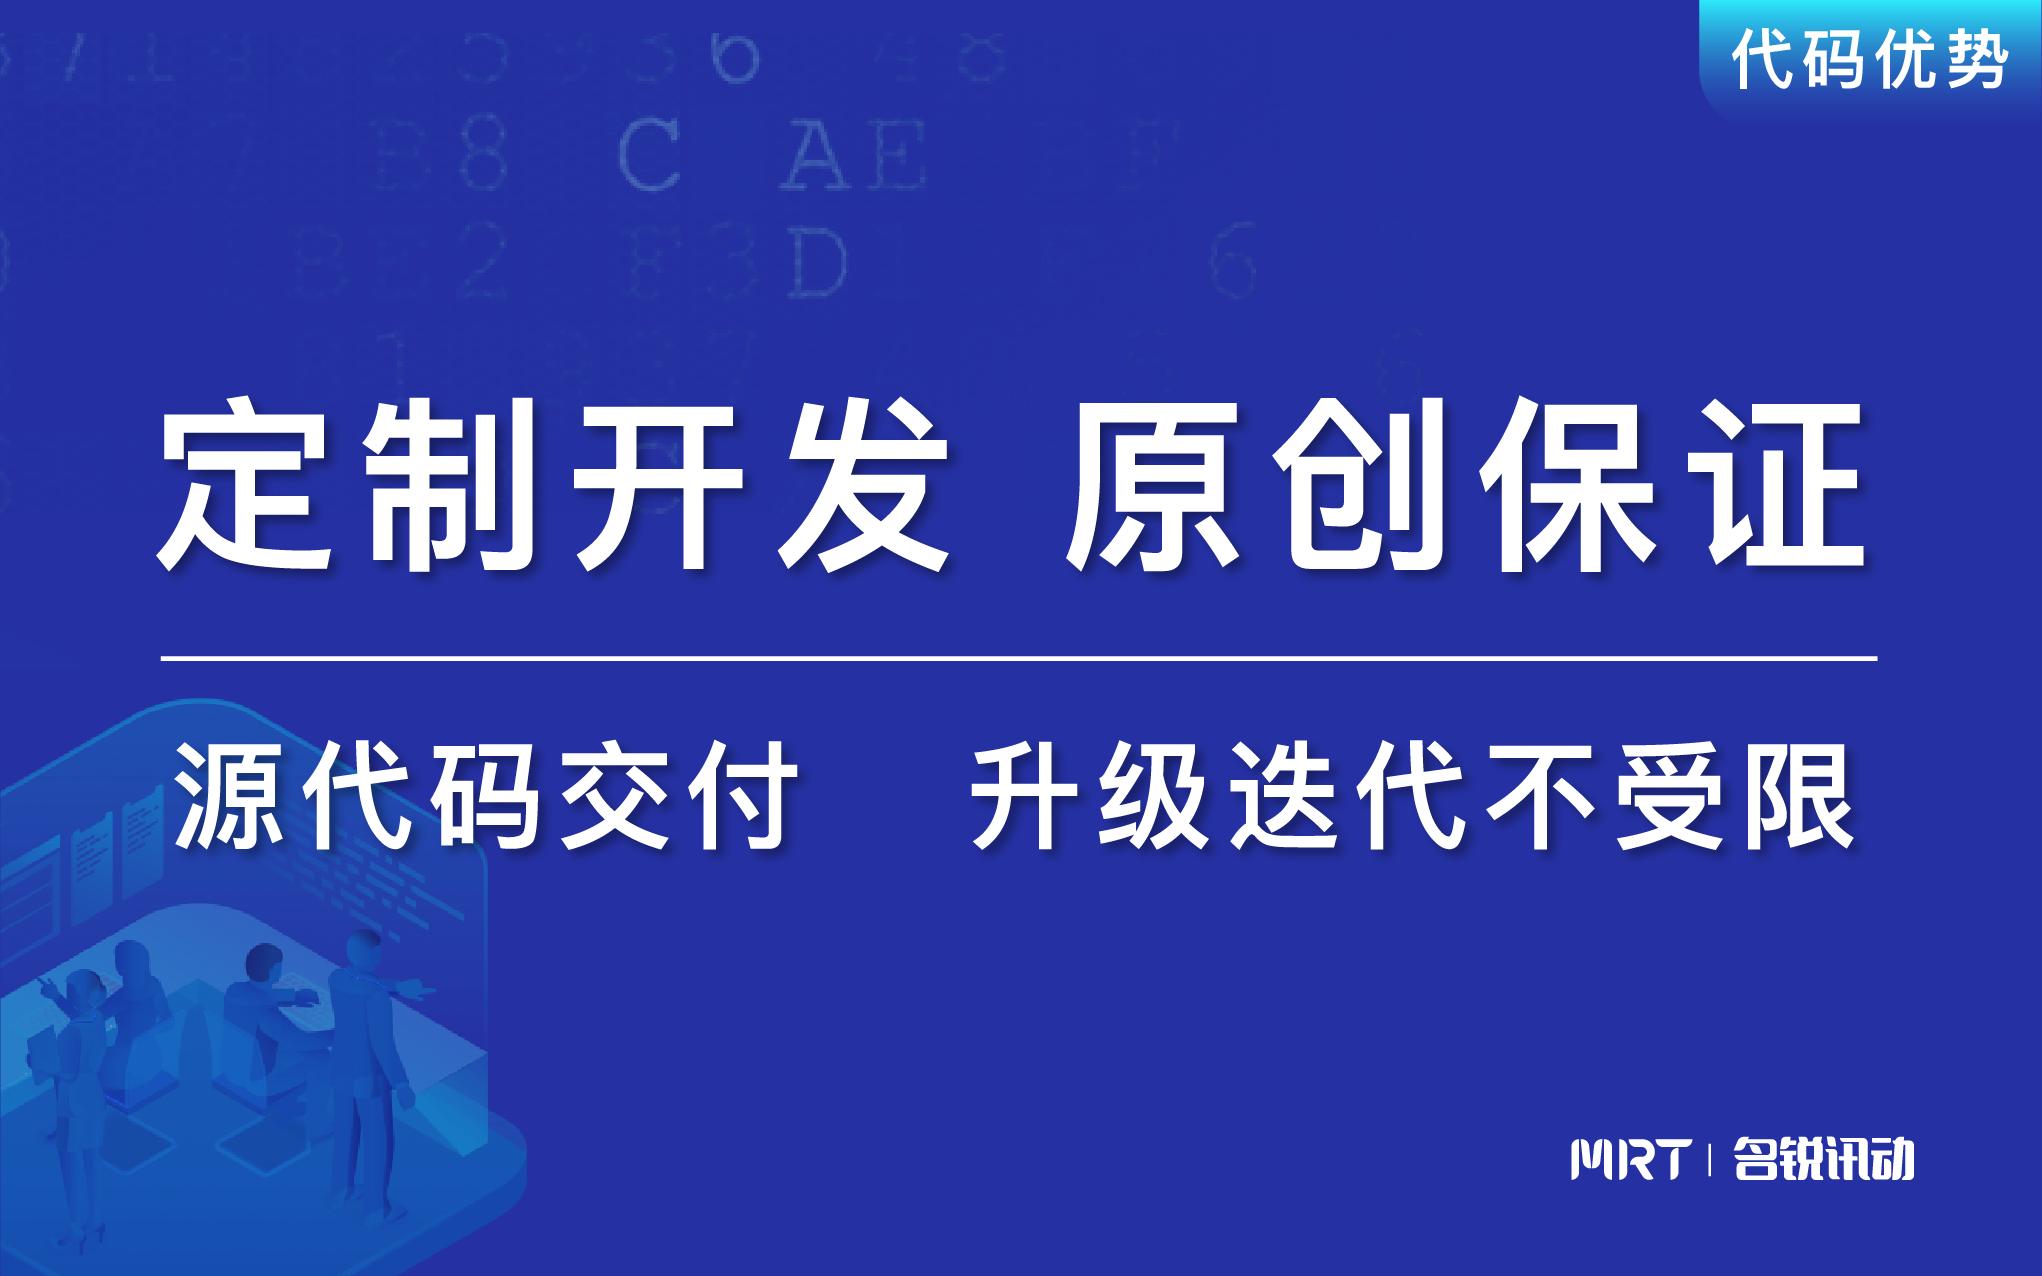 外贸H5定制开发 跨境外贸电商网站商城物流跟踪H5开发